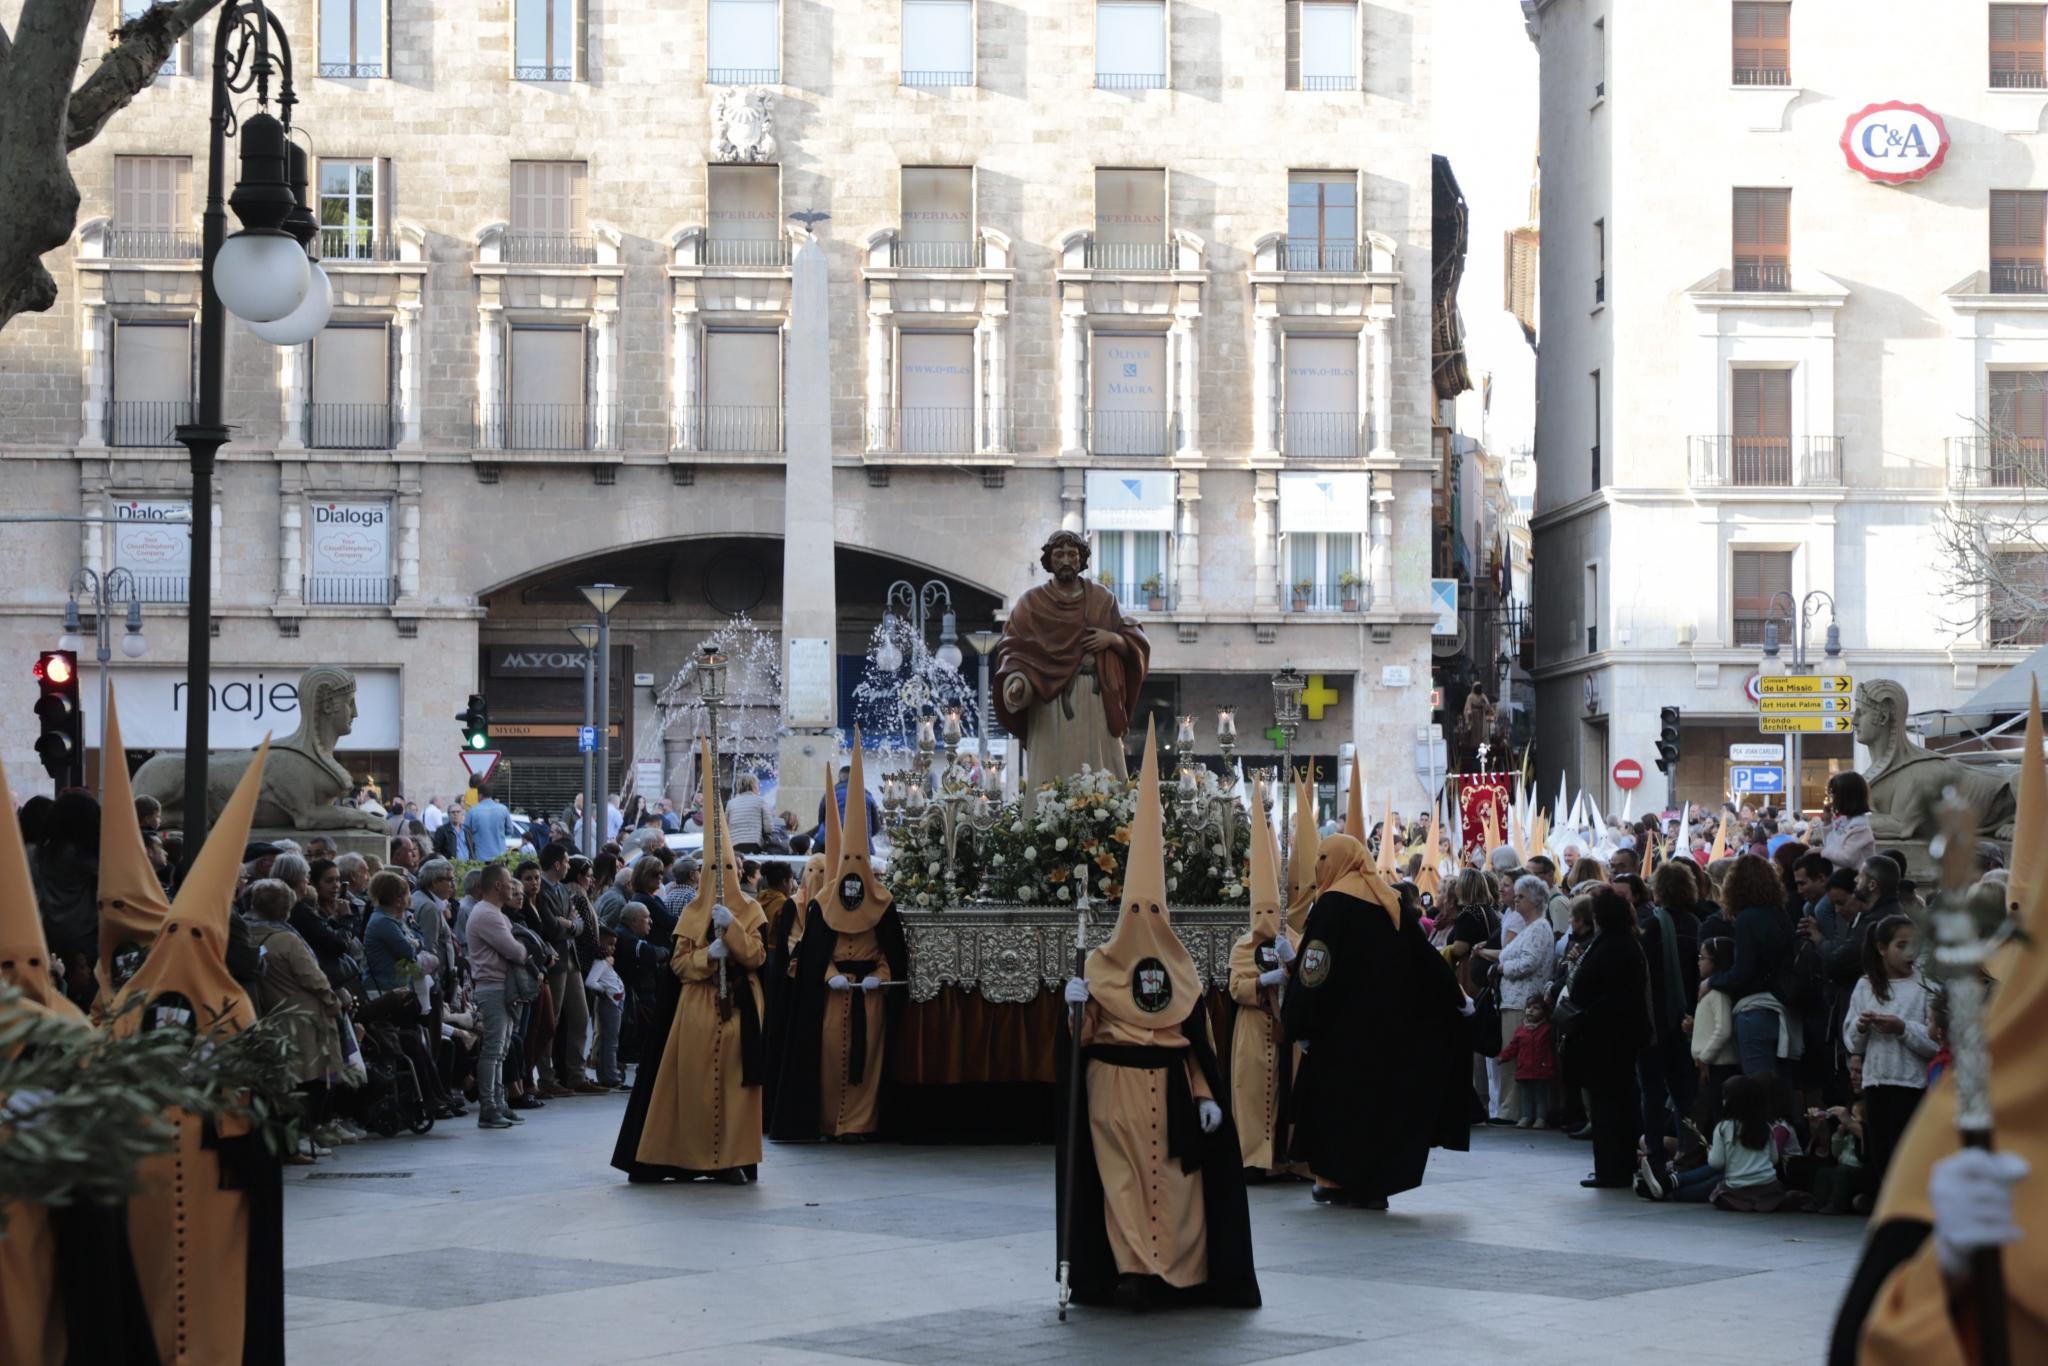 PALMA SEMANA SANTA. Una procesión triunfal por las calles de Palma.